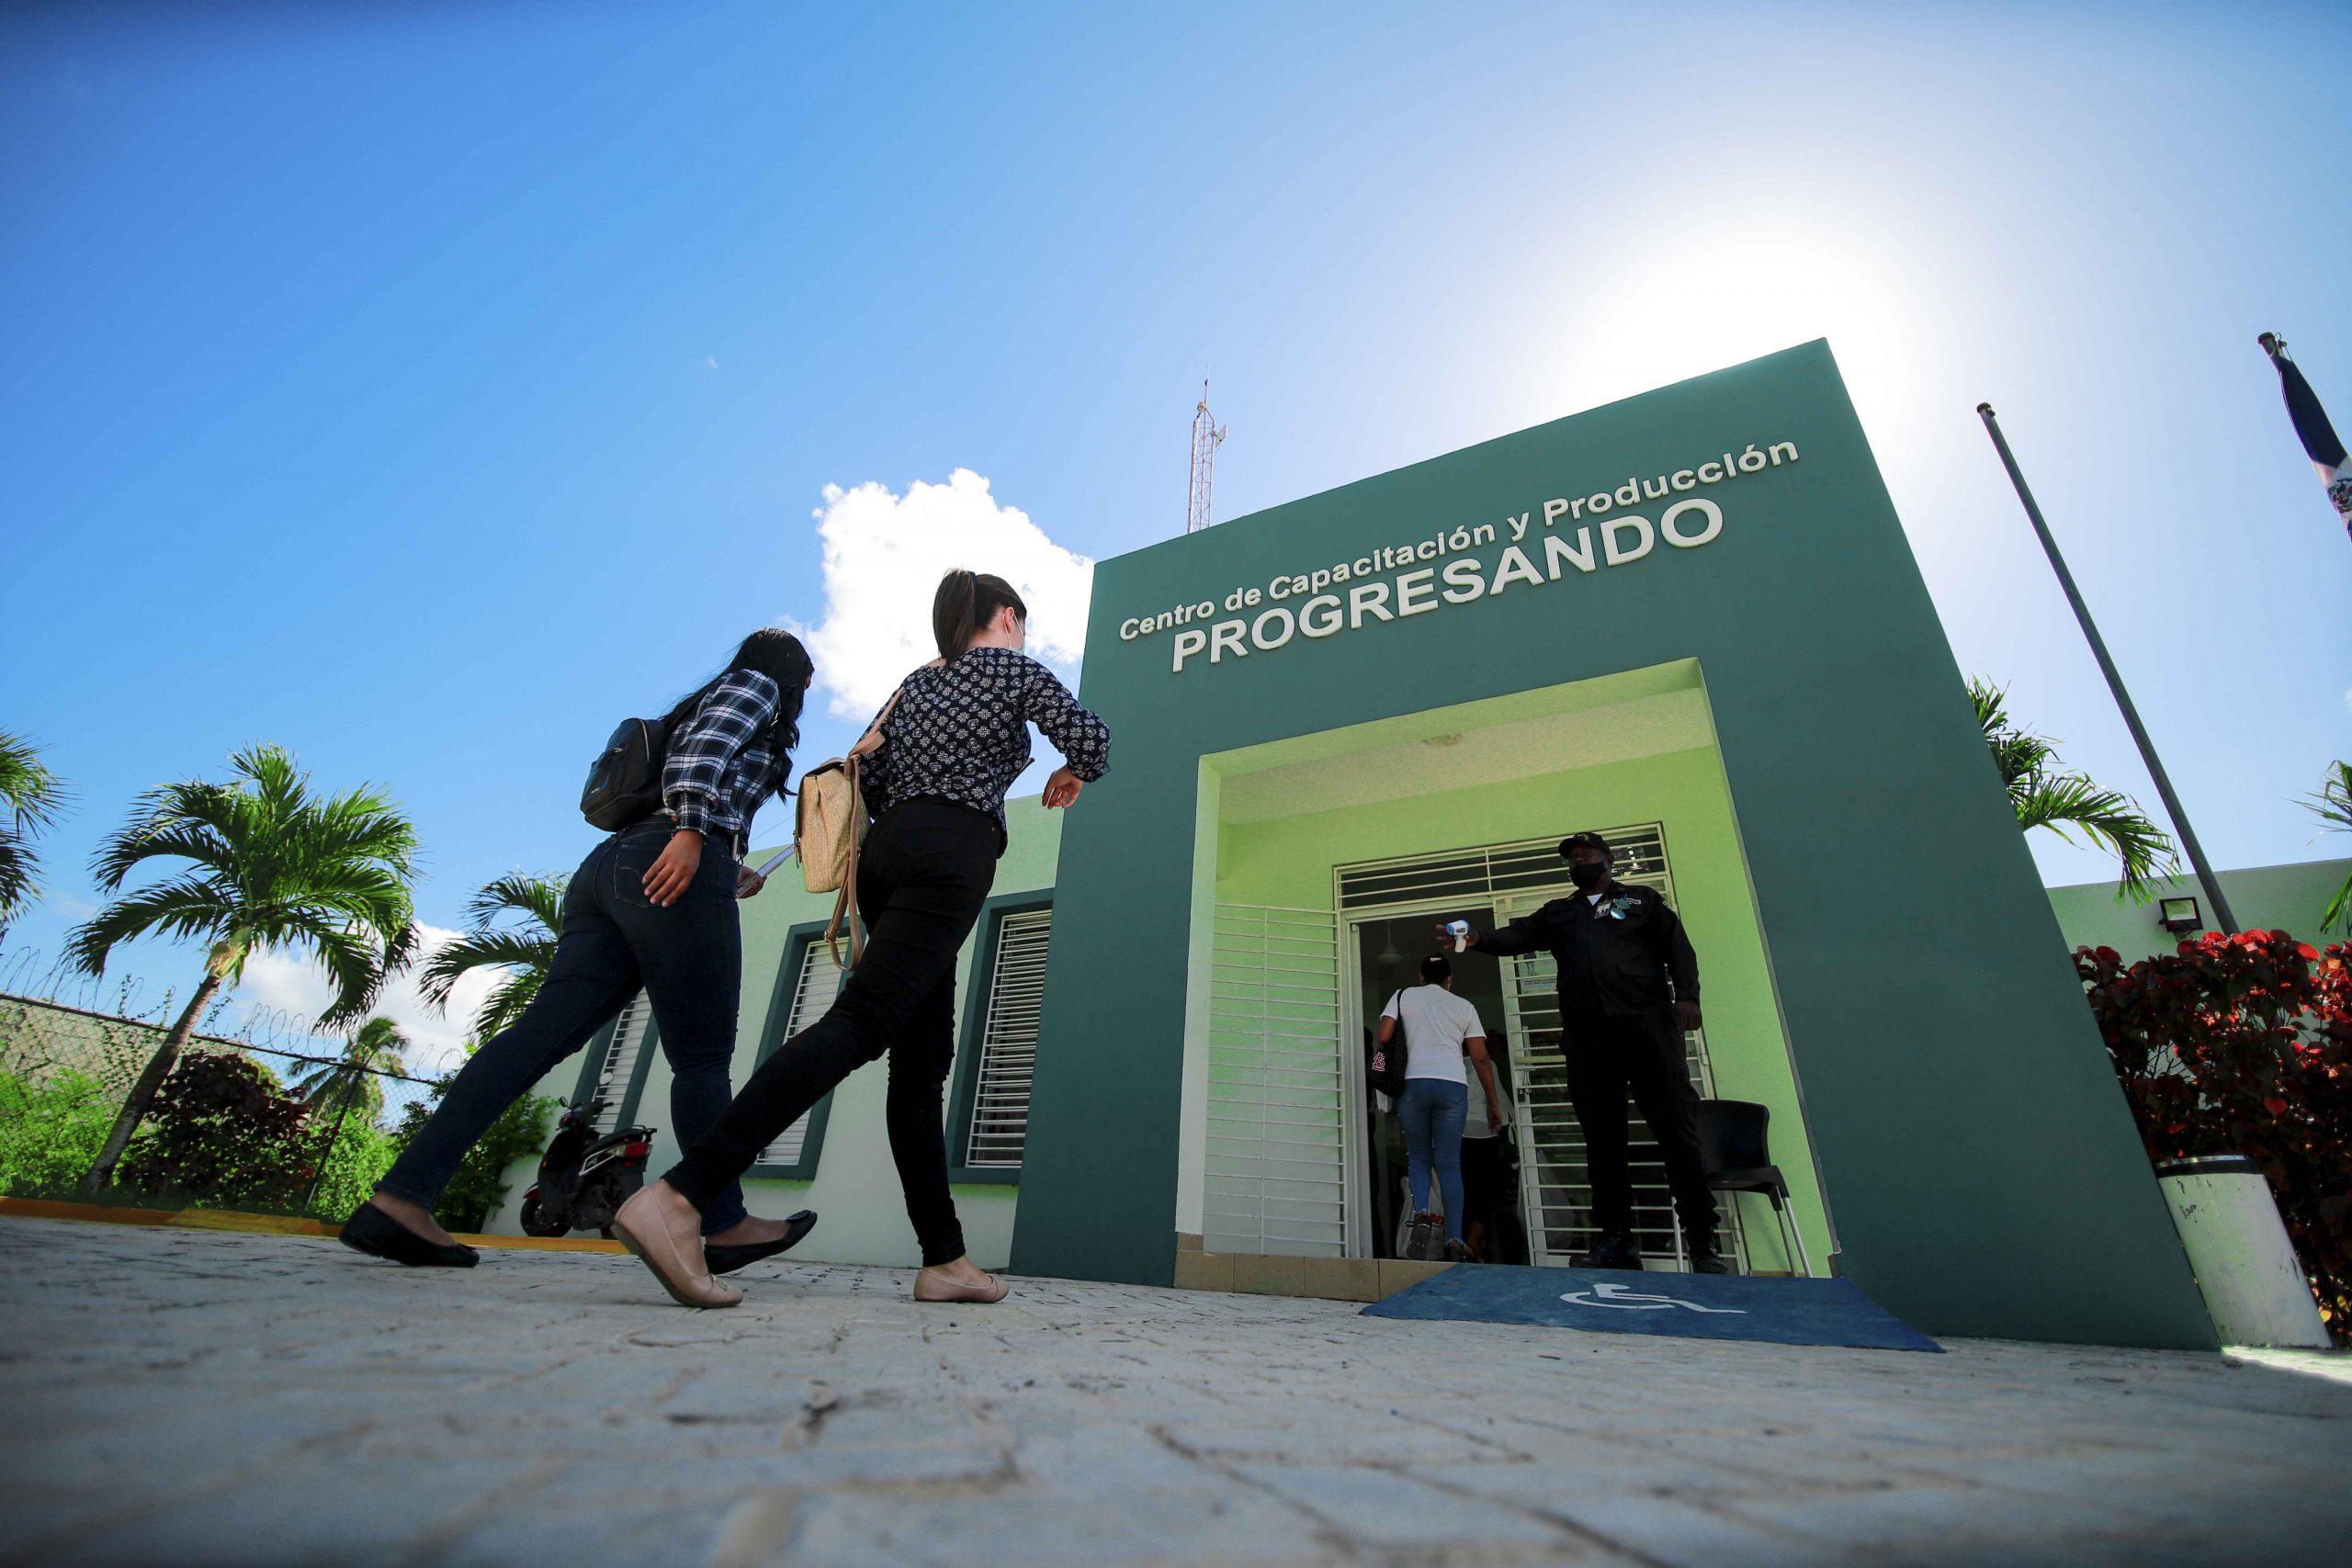 Los Centro de Capacitación y Producción de Prosoli educarán este año a más de 100,000 personas